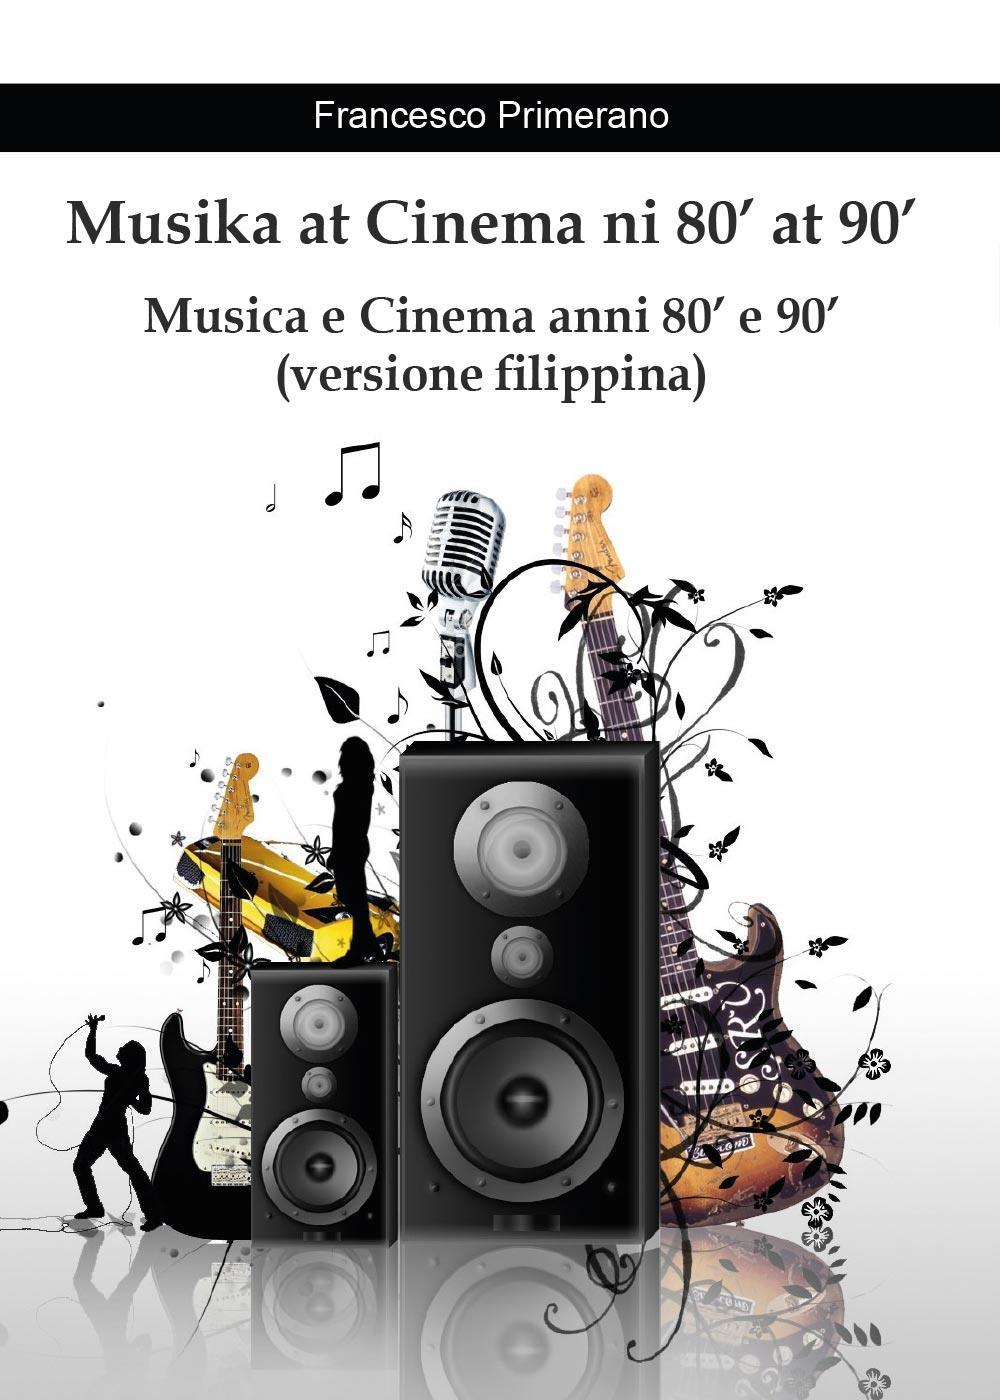 Musika at Cinema ni 80' at 90' - Musica e Cinema anni 80' e 90' (versione filippina)